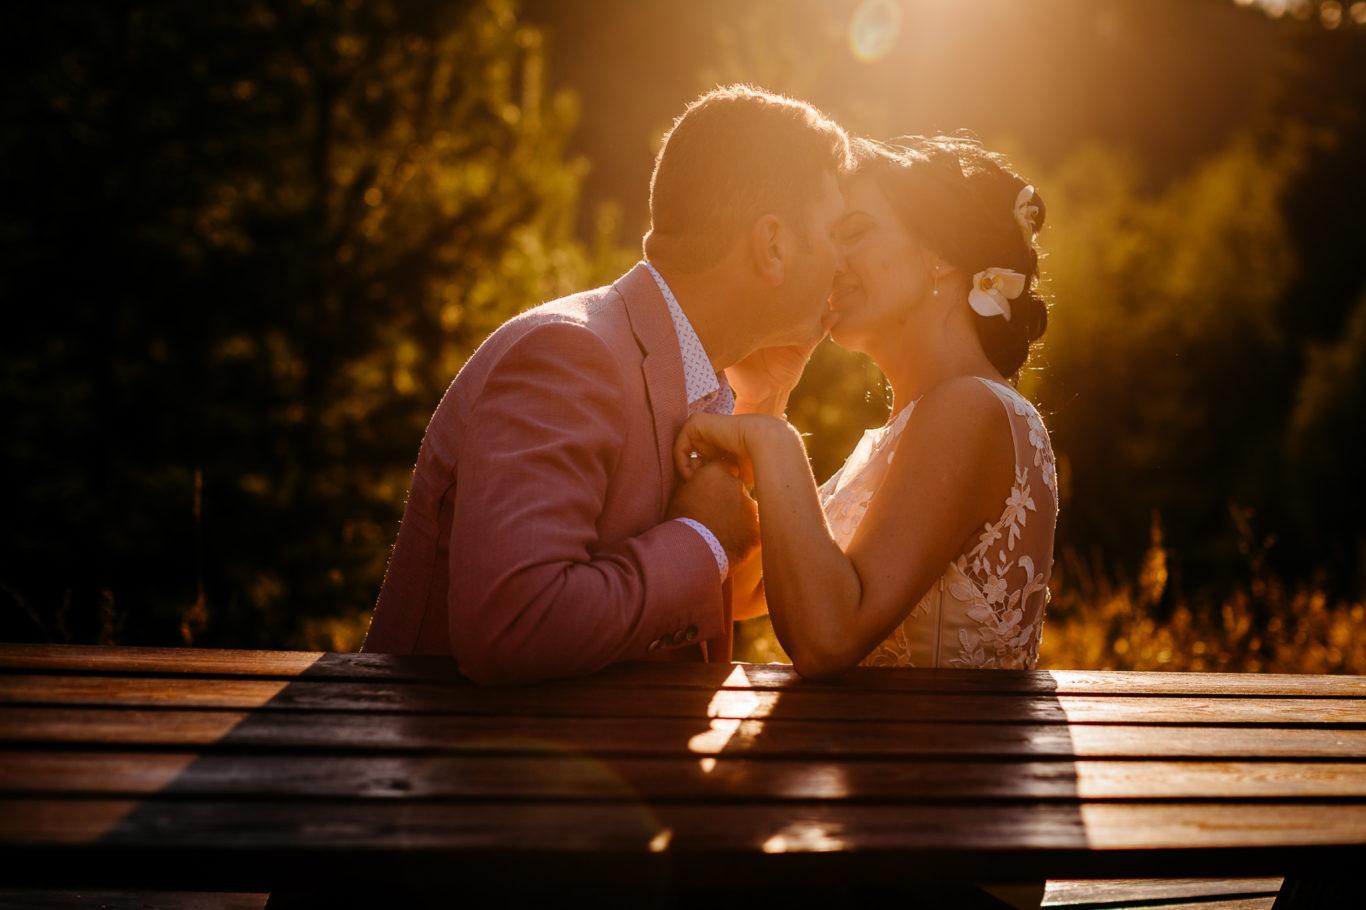 0455-fotografie-nunta-valea-de-pesti-vero-dani-fotograf-ciprian-dumitrescu-dc1_1117